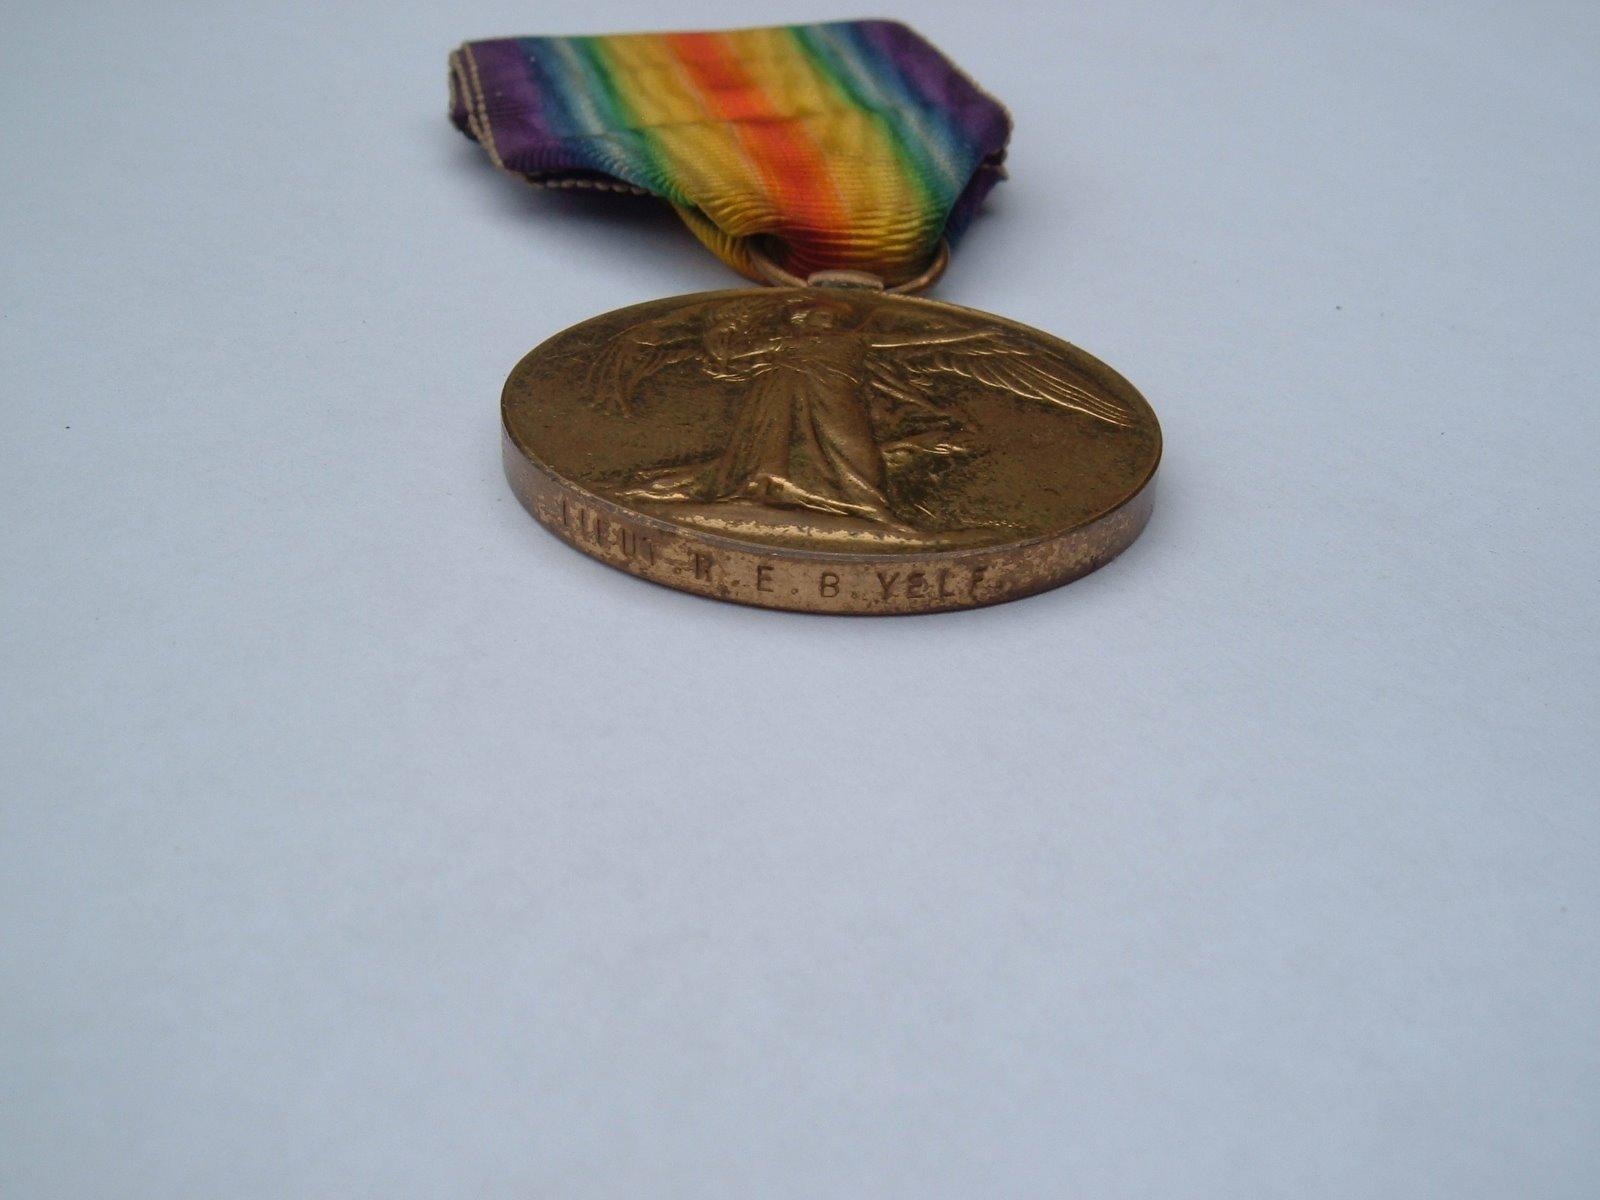 [REBYelf+medal3]